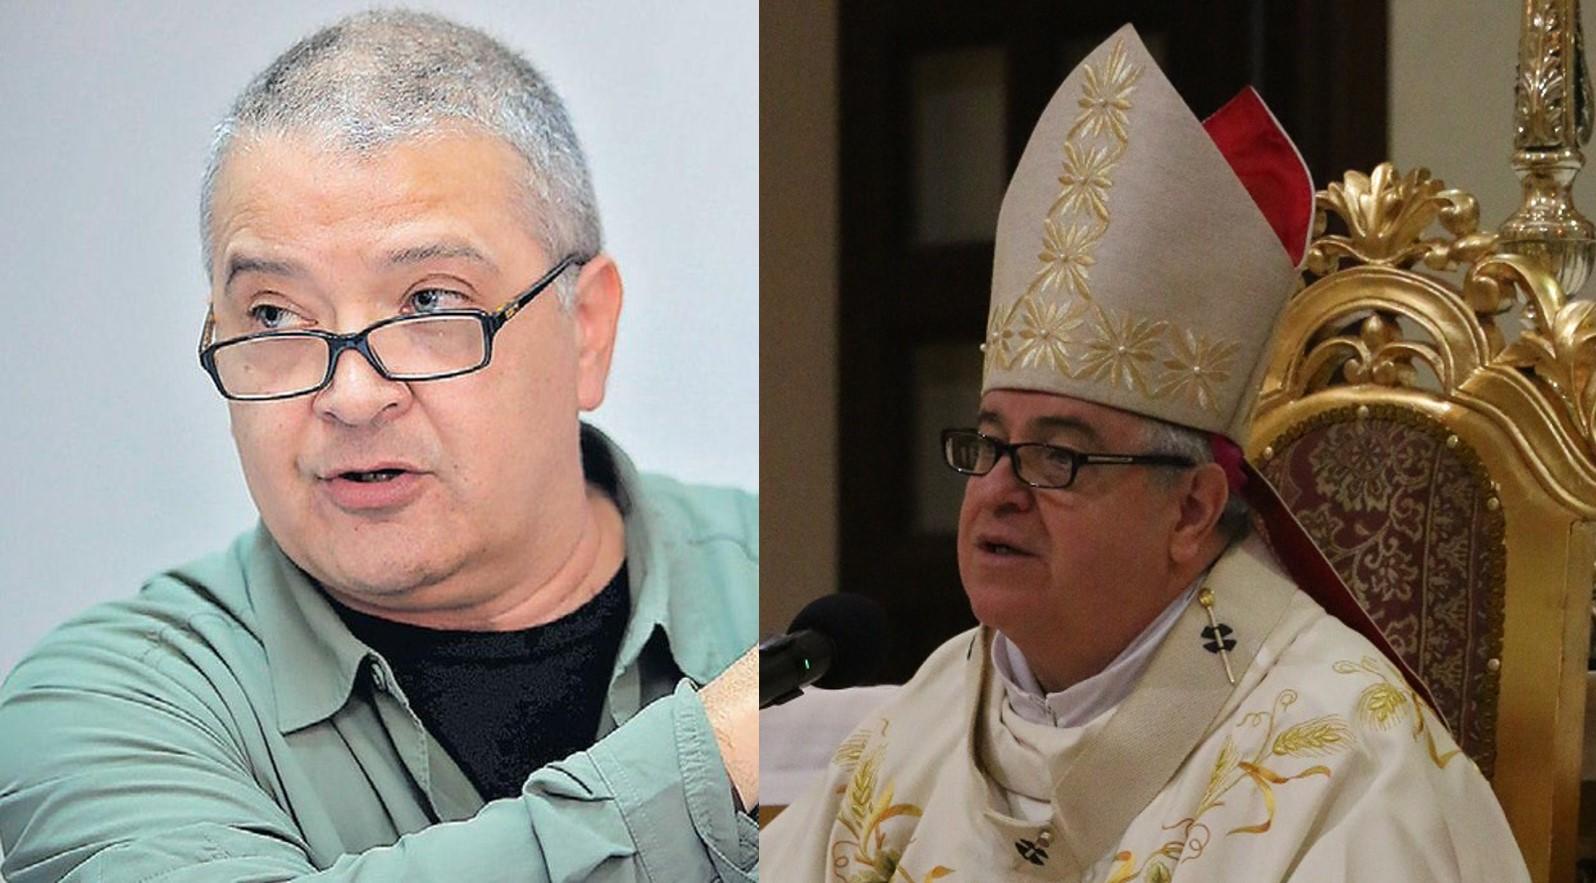 IDL apelará sentencia por el caso Pedro Salinas en Sala de Apelaciones de Piura